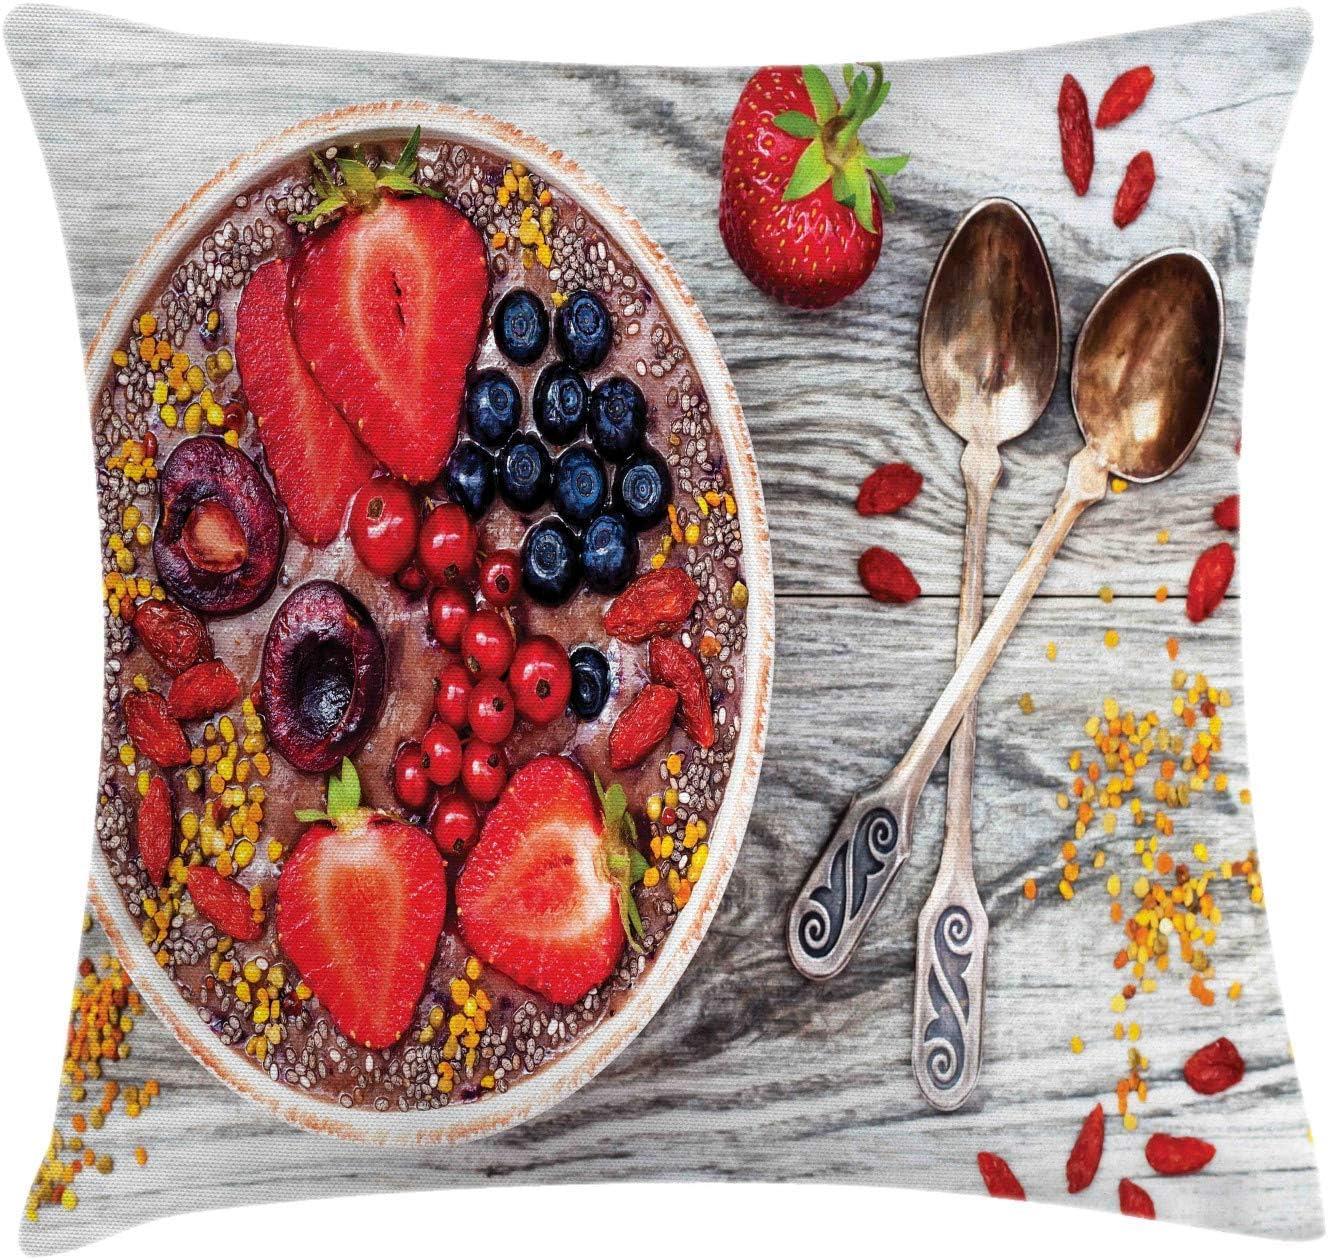 HFYZT Funda de cojín con diseño de Mantequilla de maní, Cuenco para Comida de Desayuno con Semillas de chía y Manteca de maní, Funda de Almohada Decorativa Cuadrada, 45,7 x 45,7 cm: